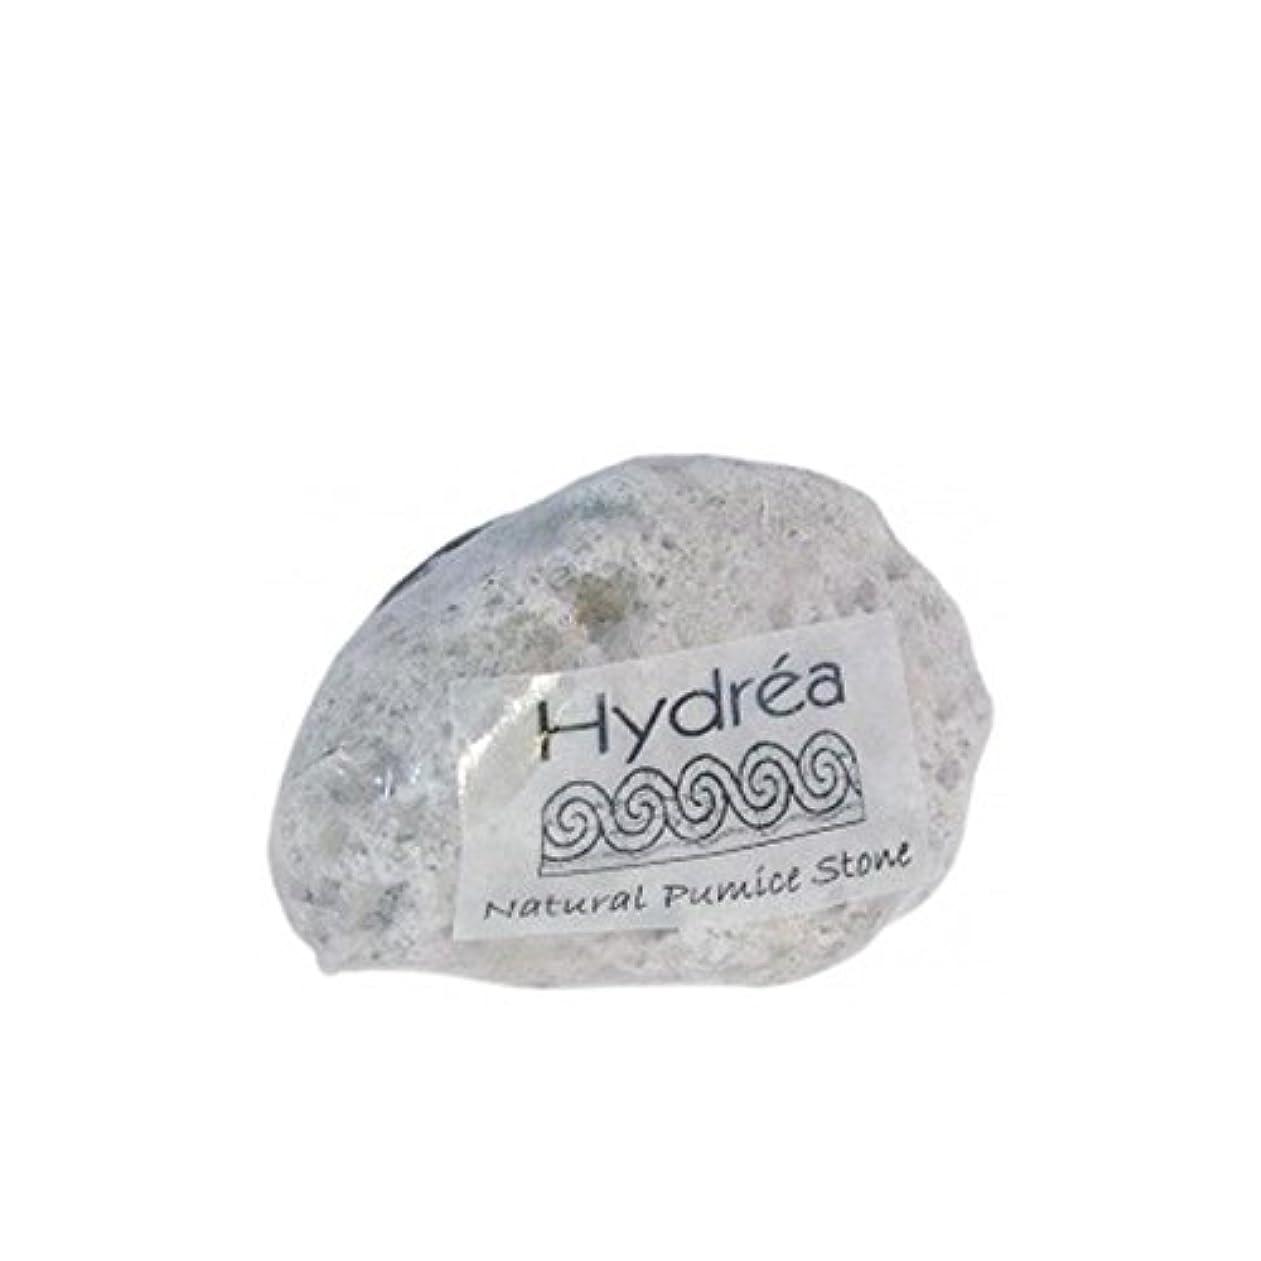 損傷デイジー田舎ハイドレアロンドン - 自然軽石 x4 - Hydrea London - Natural Pumice Stone (Pack of 4) [並行輸入品]